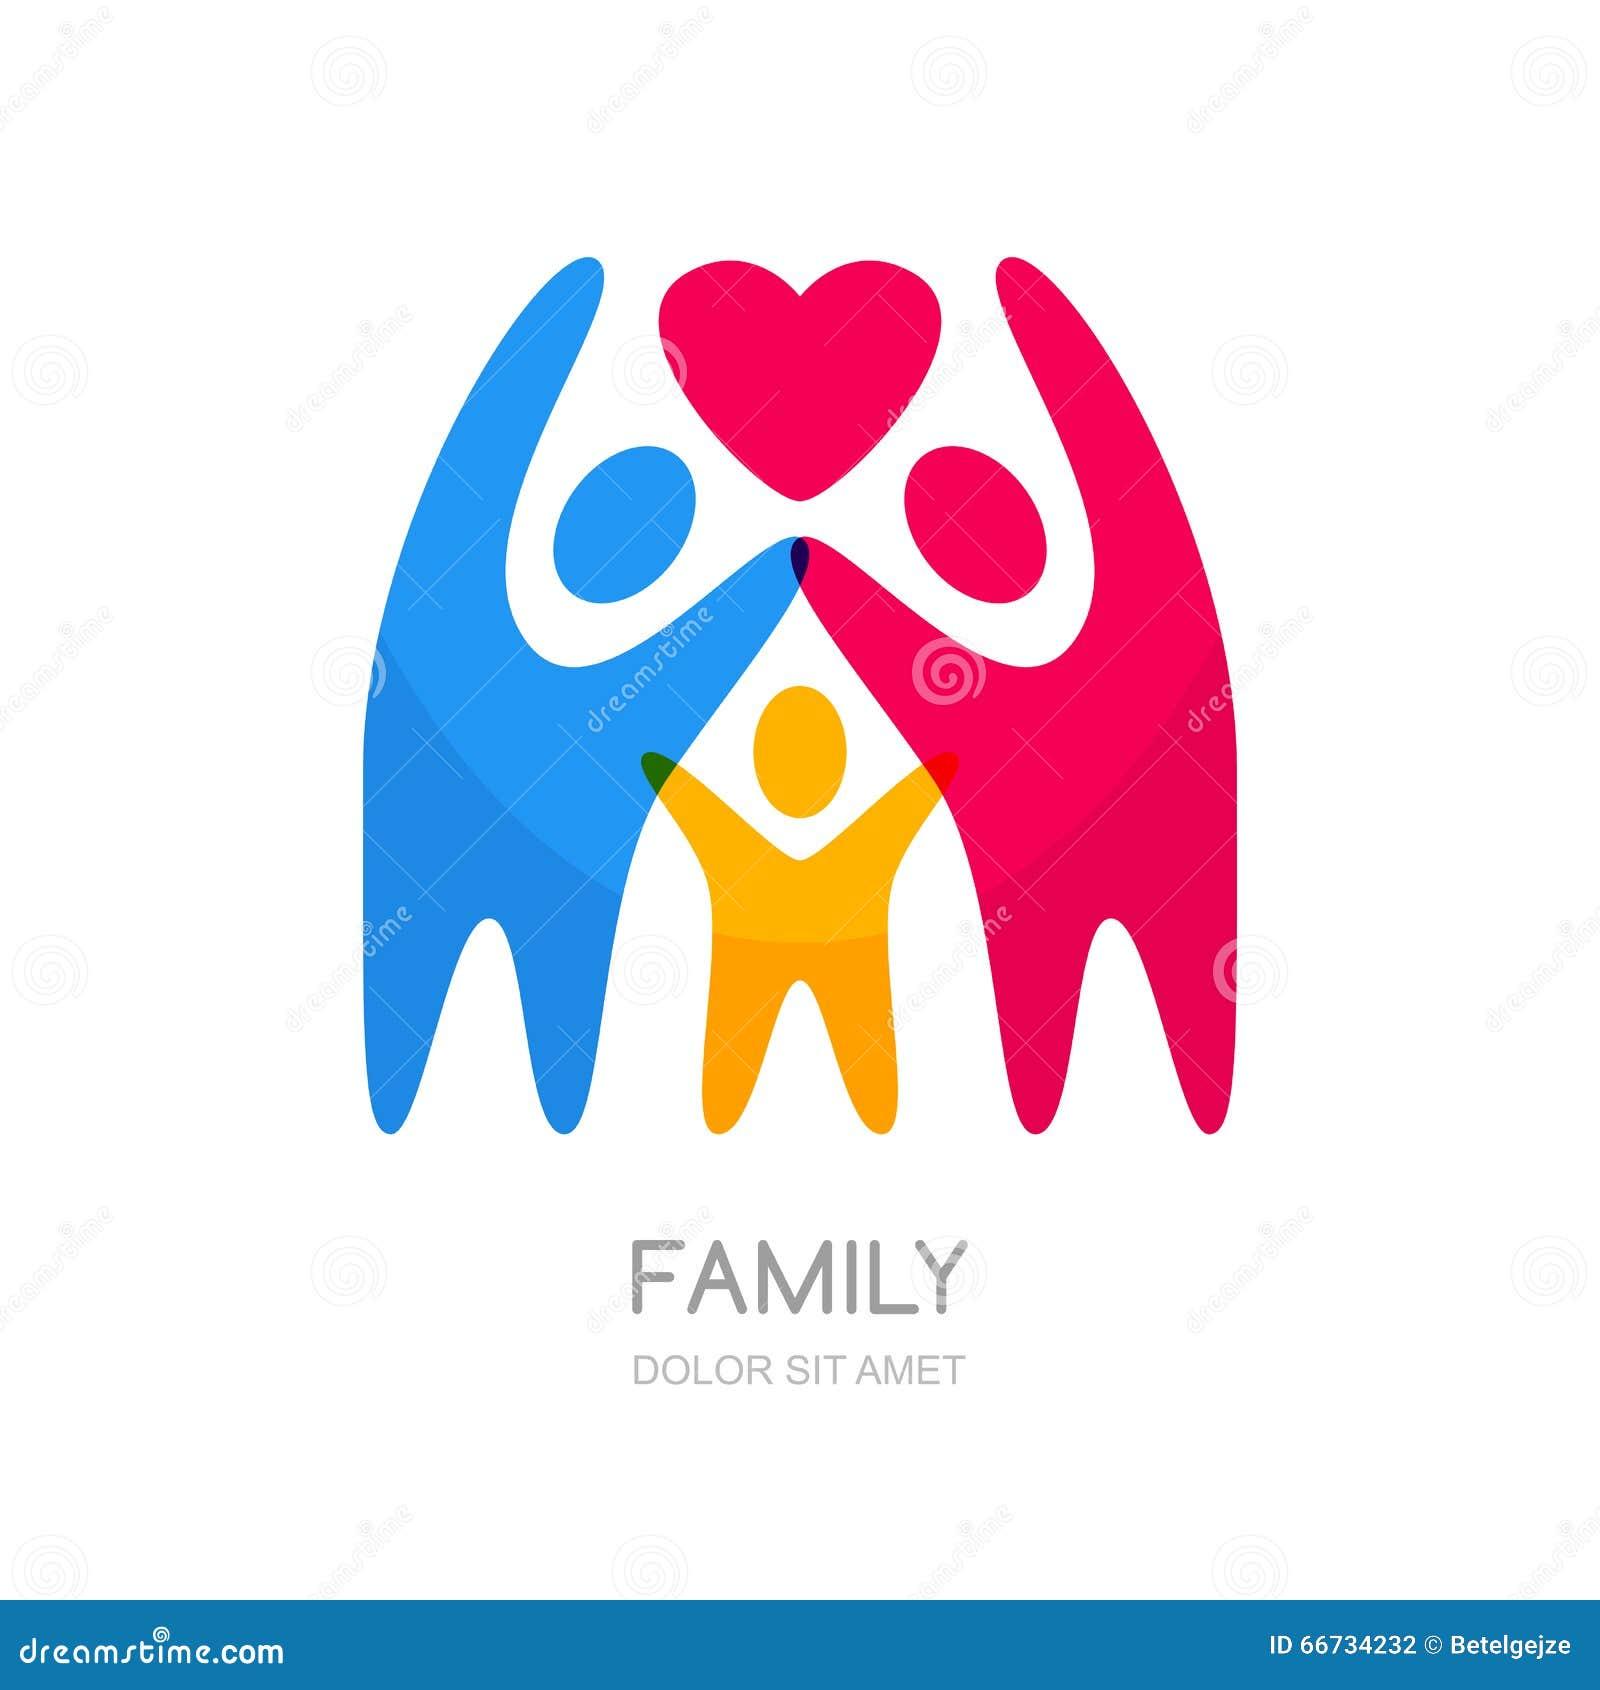 Kids Charity Logo   www.pixshark.com - Images Galleries ...